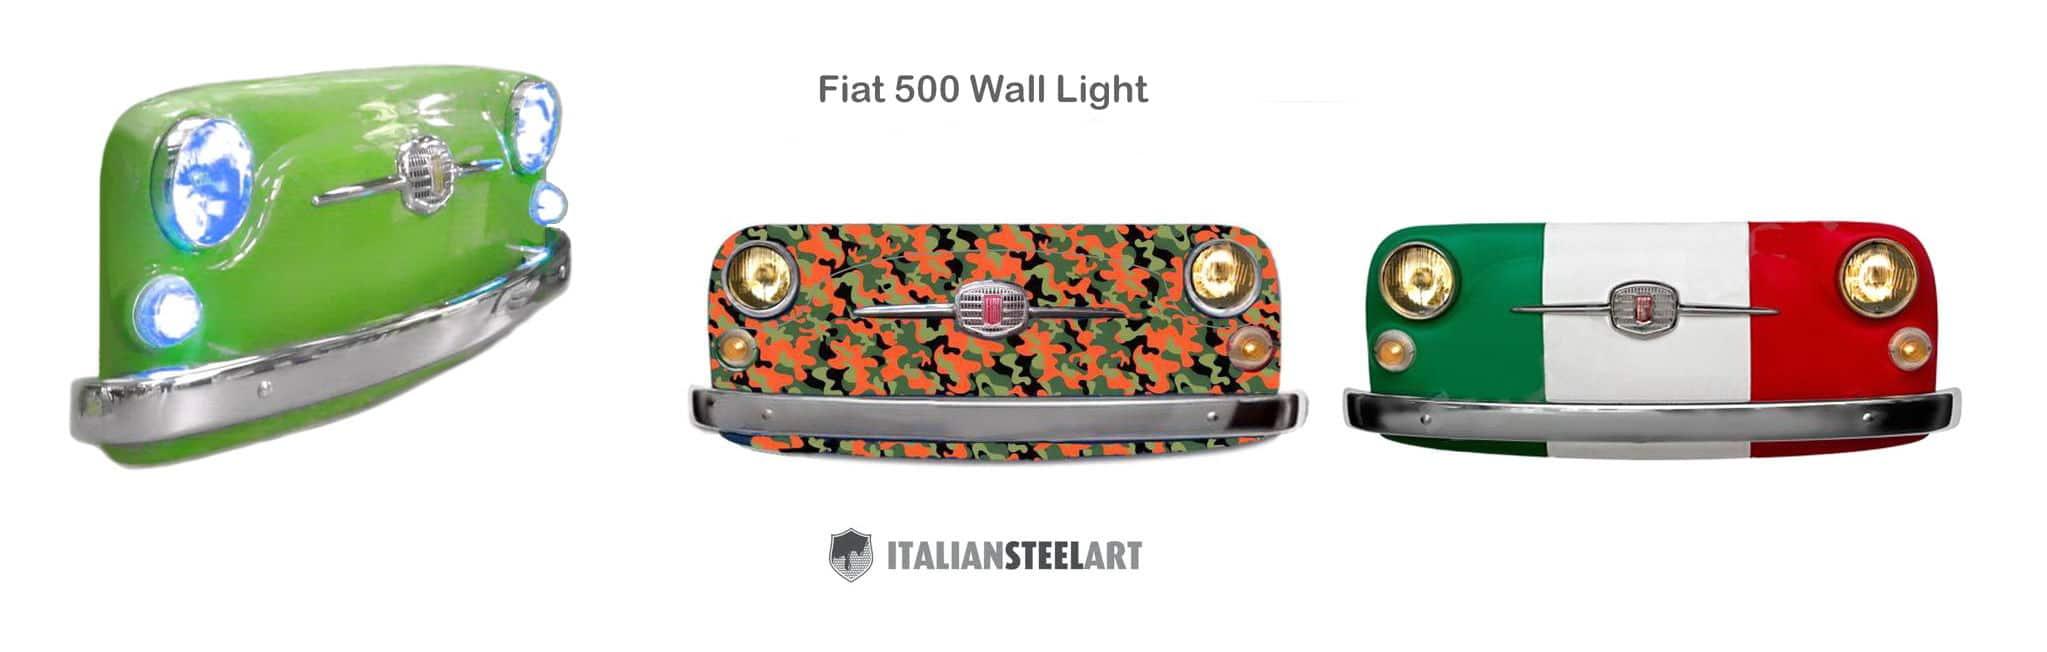 Fiat-500-Wall-Ready-banne